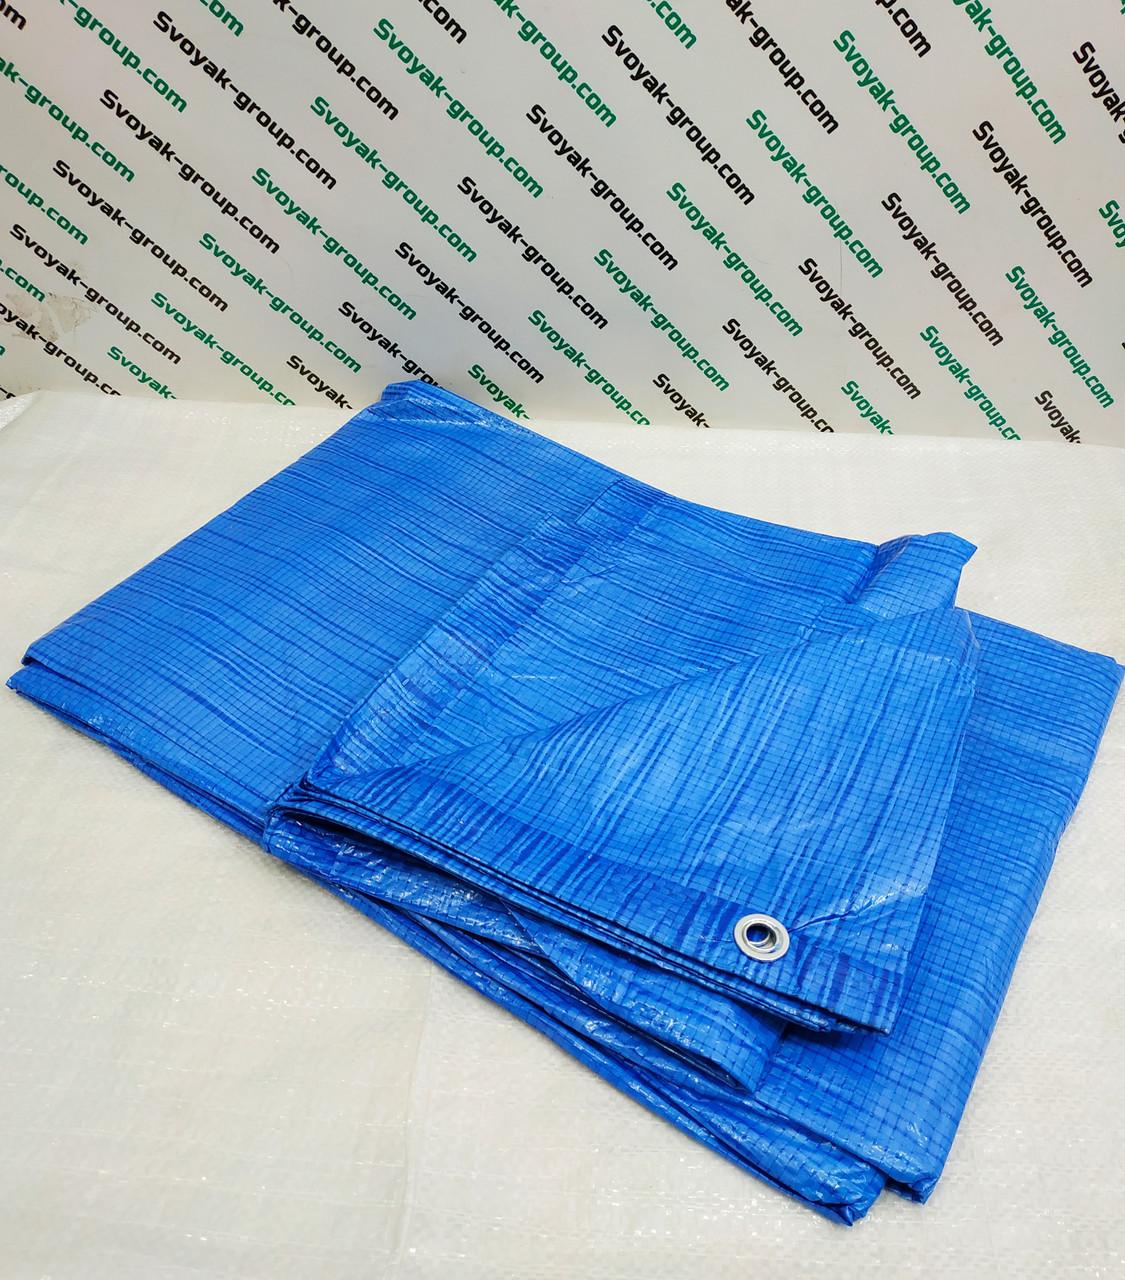 Тент (полог) синий 4x8 м. от дождя, ветра, снега, для создания тени.Полипропиленовый,тарпаулиновый.